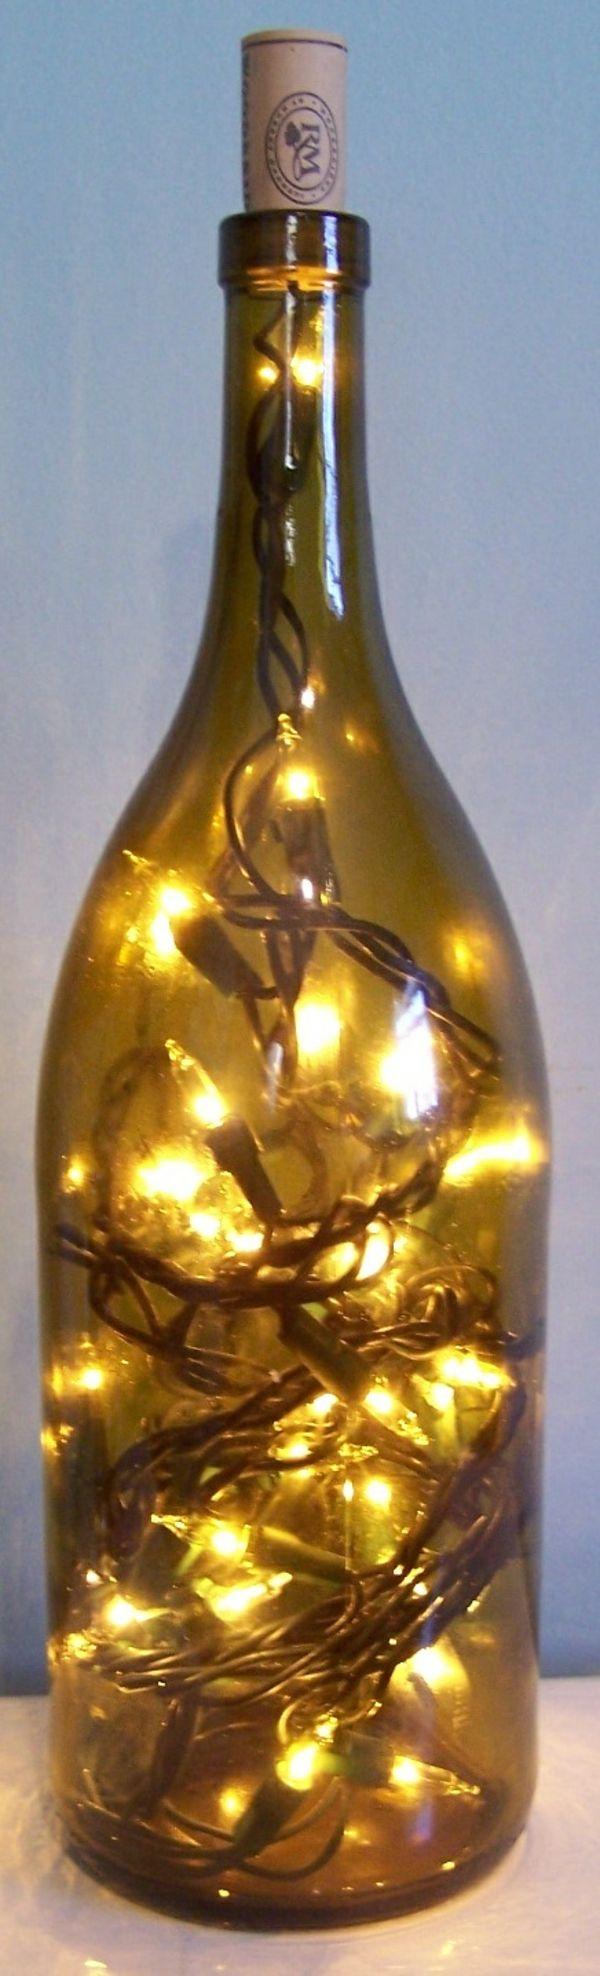 diy lampe aus weinflaschen kreative dekoideen deko pinterest flaschen wein und lampen. Black Bedroom Furniture Sets. Home Design Ideas